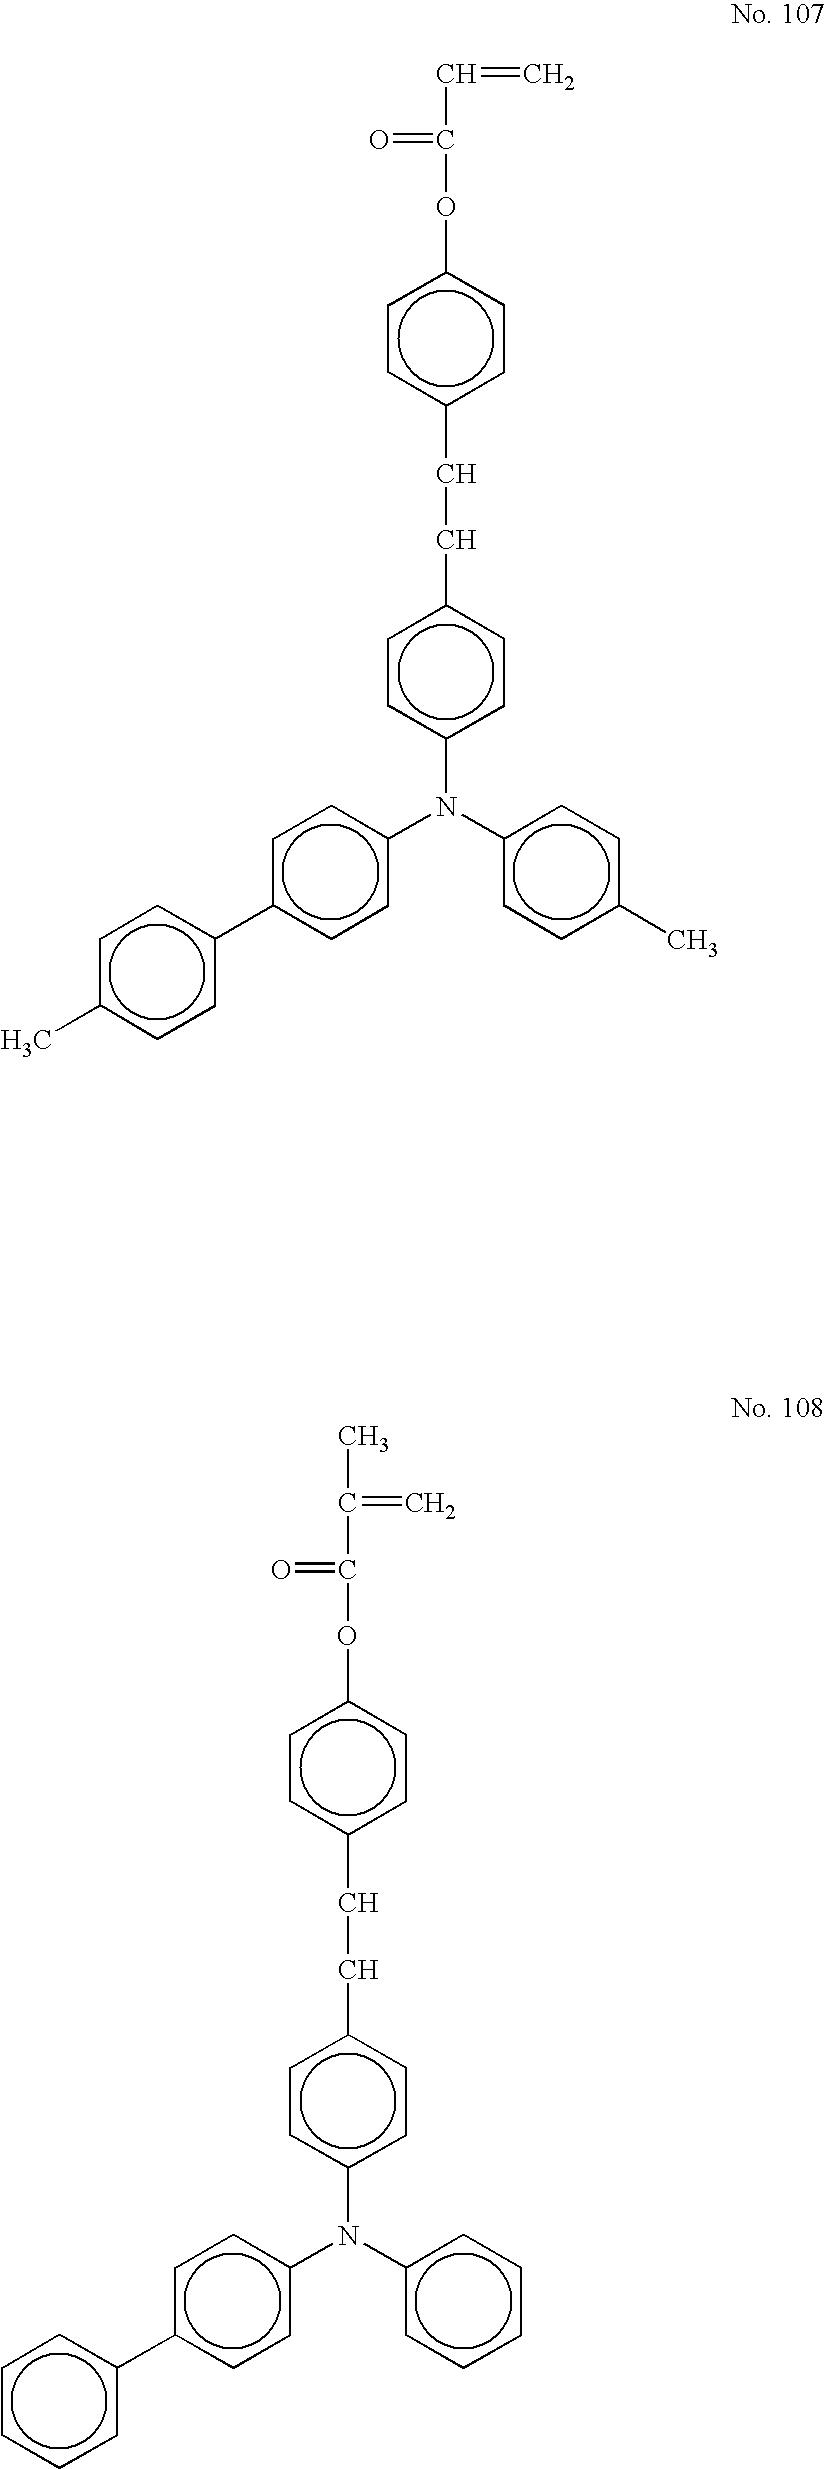 Figure US20060177749A1-20060810-C00054